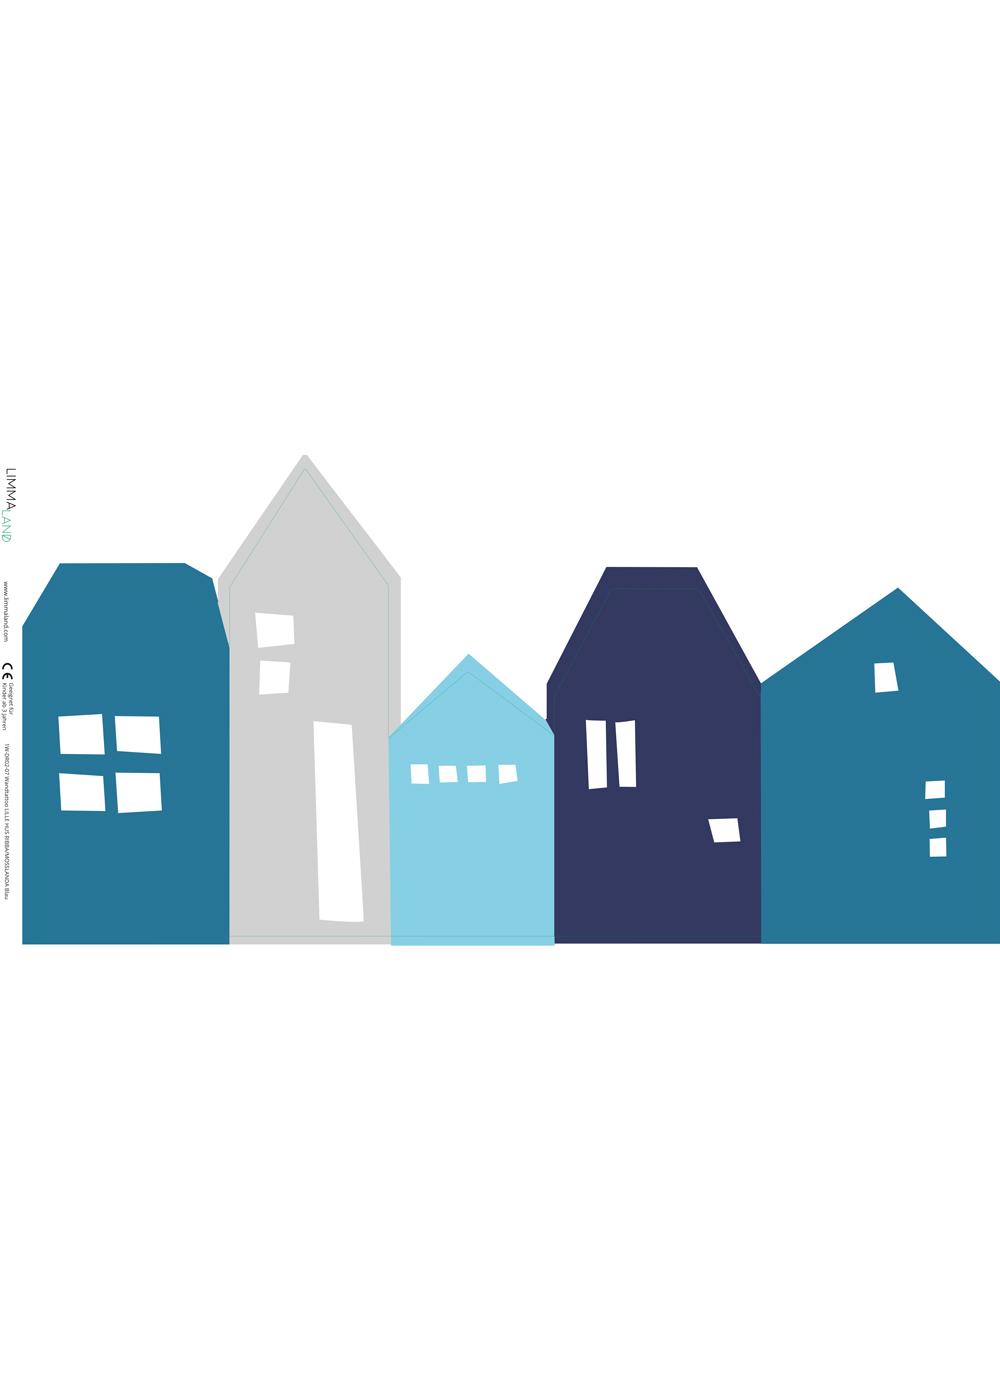 Ikea Mosslanda Bilderleiste Lille Hus blau hellgrau Druckvorlage